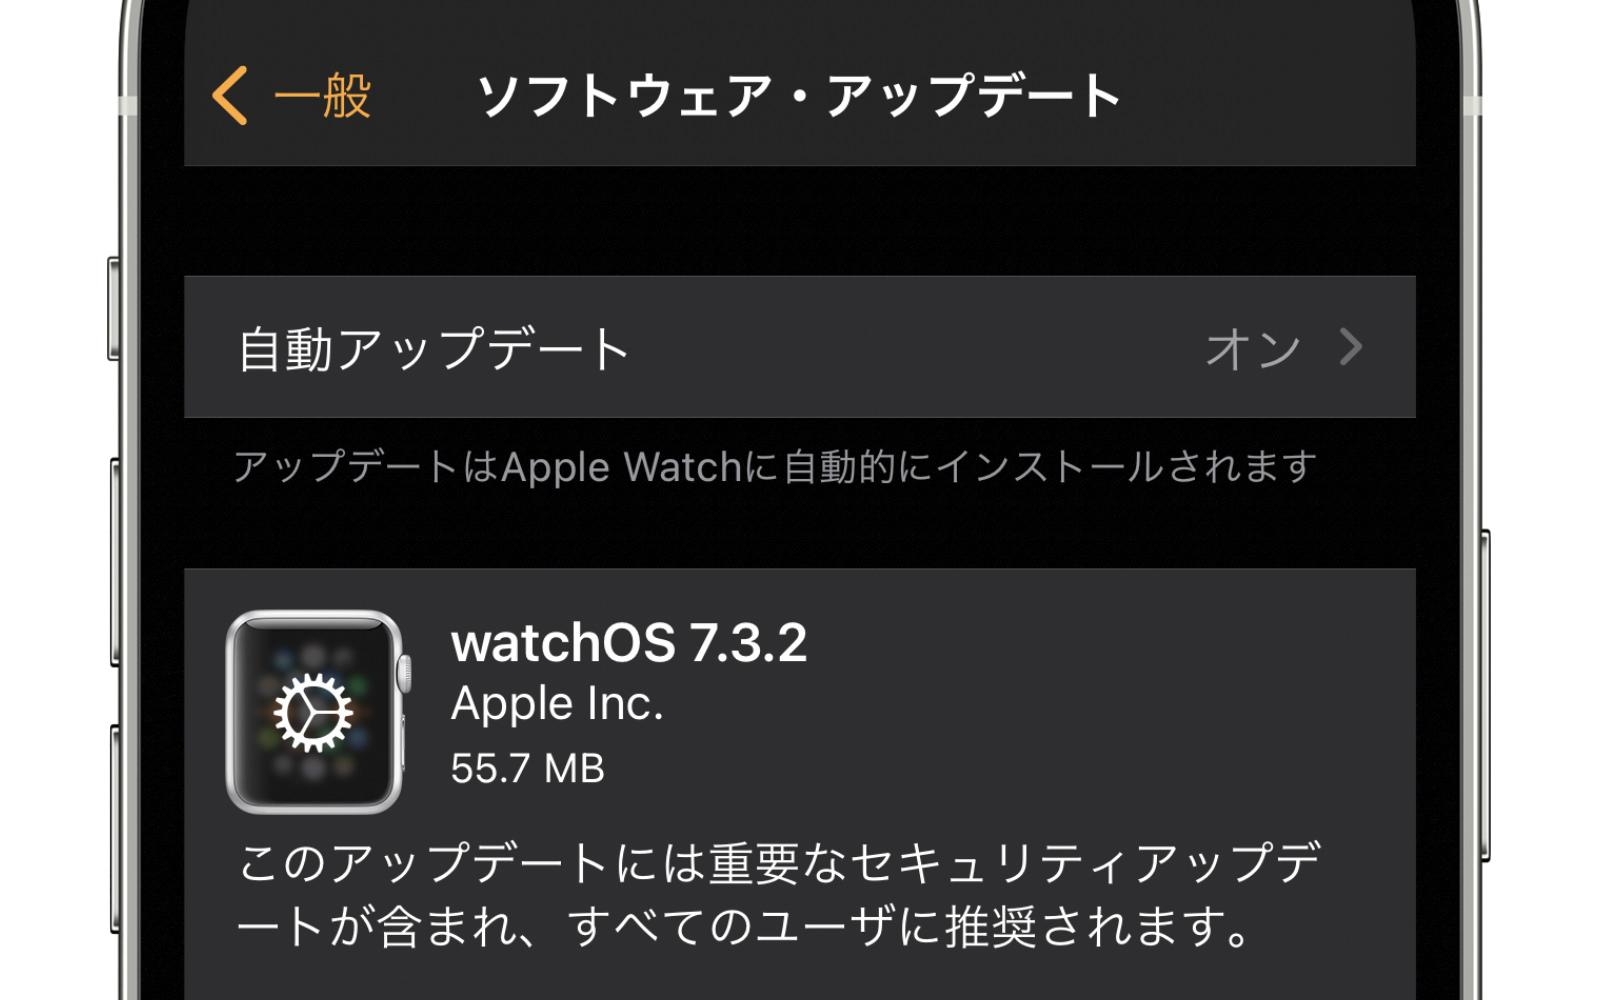 WatchOS 7 3 2